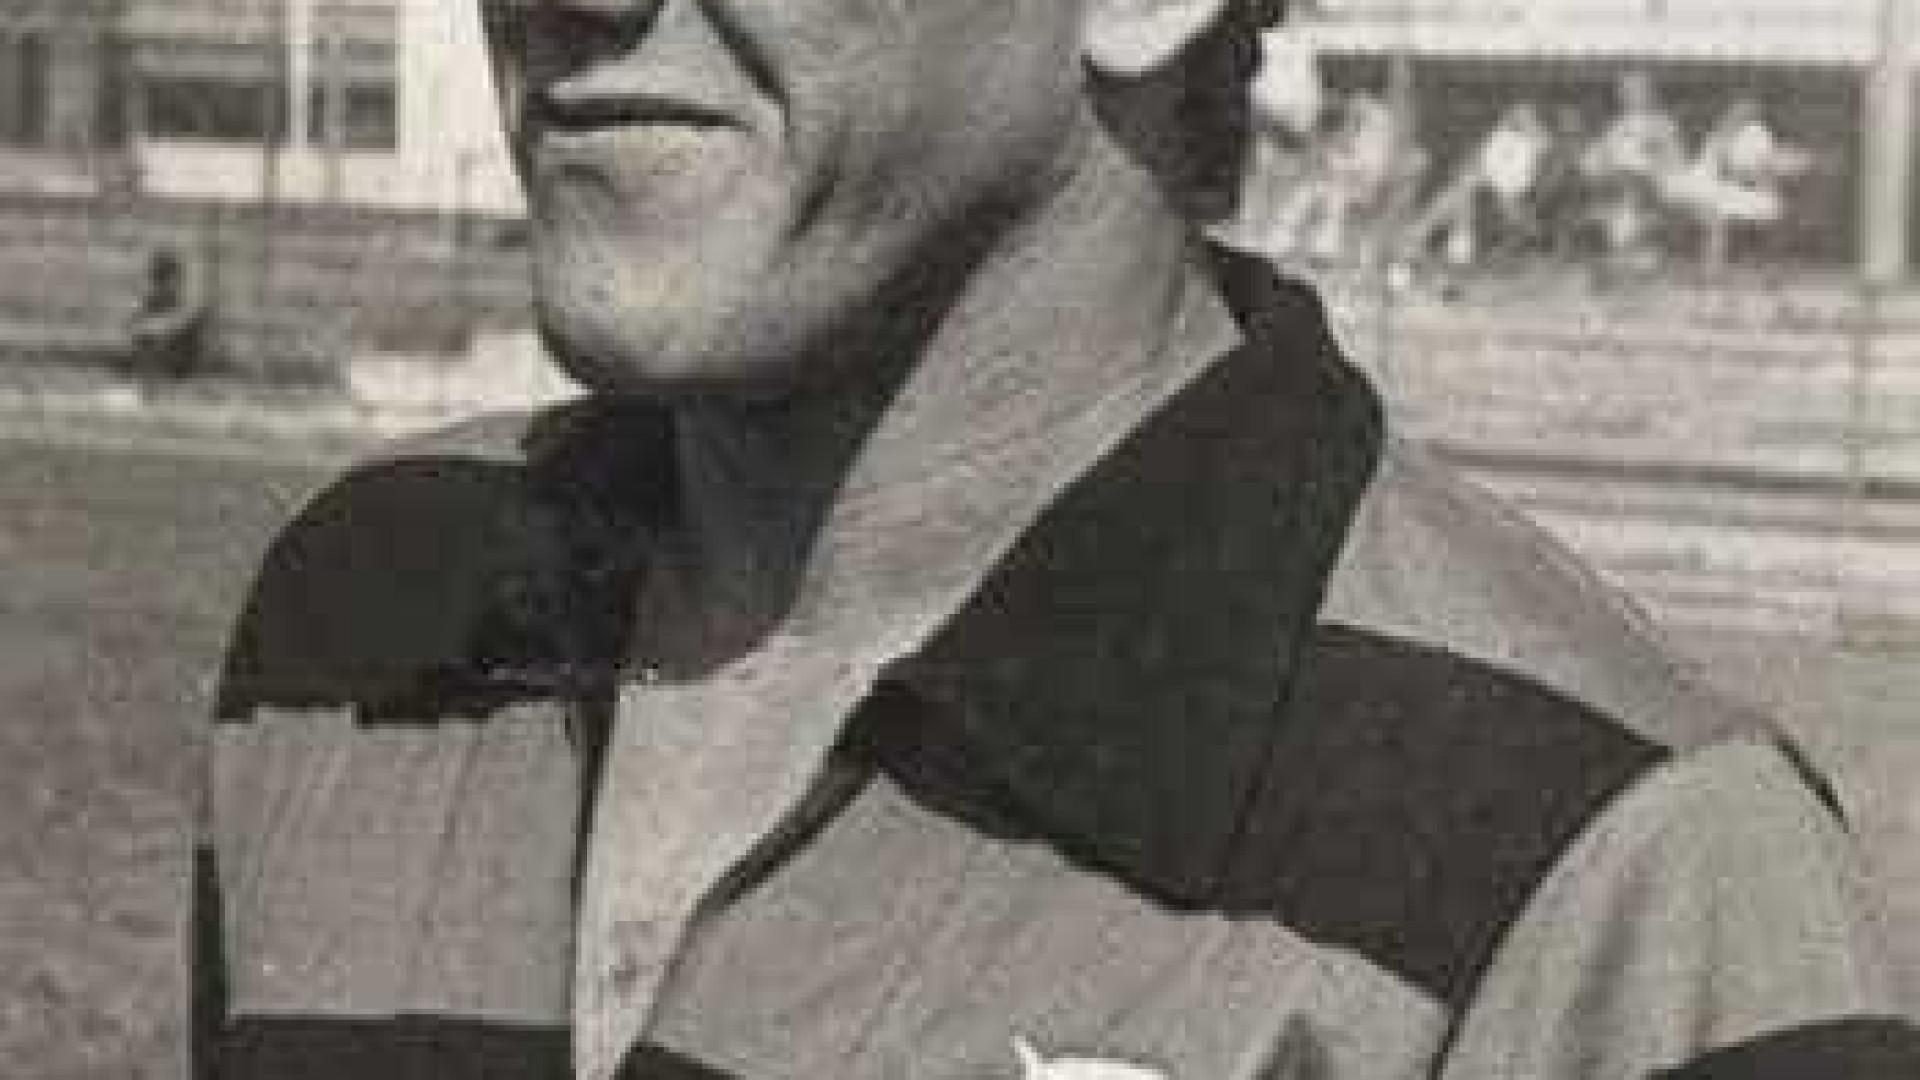 Morre Onça, ex-zagueiro do Flamengo, Sport e Bahia